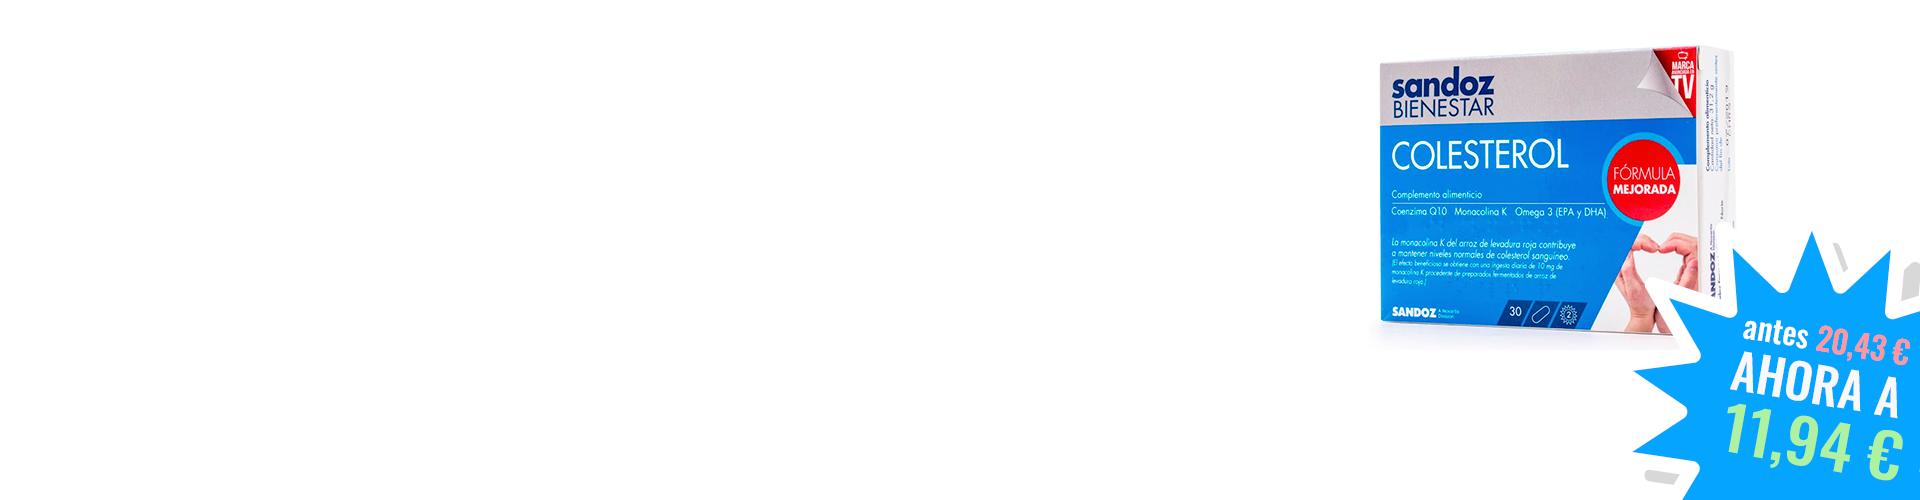 precio-eduardo